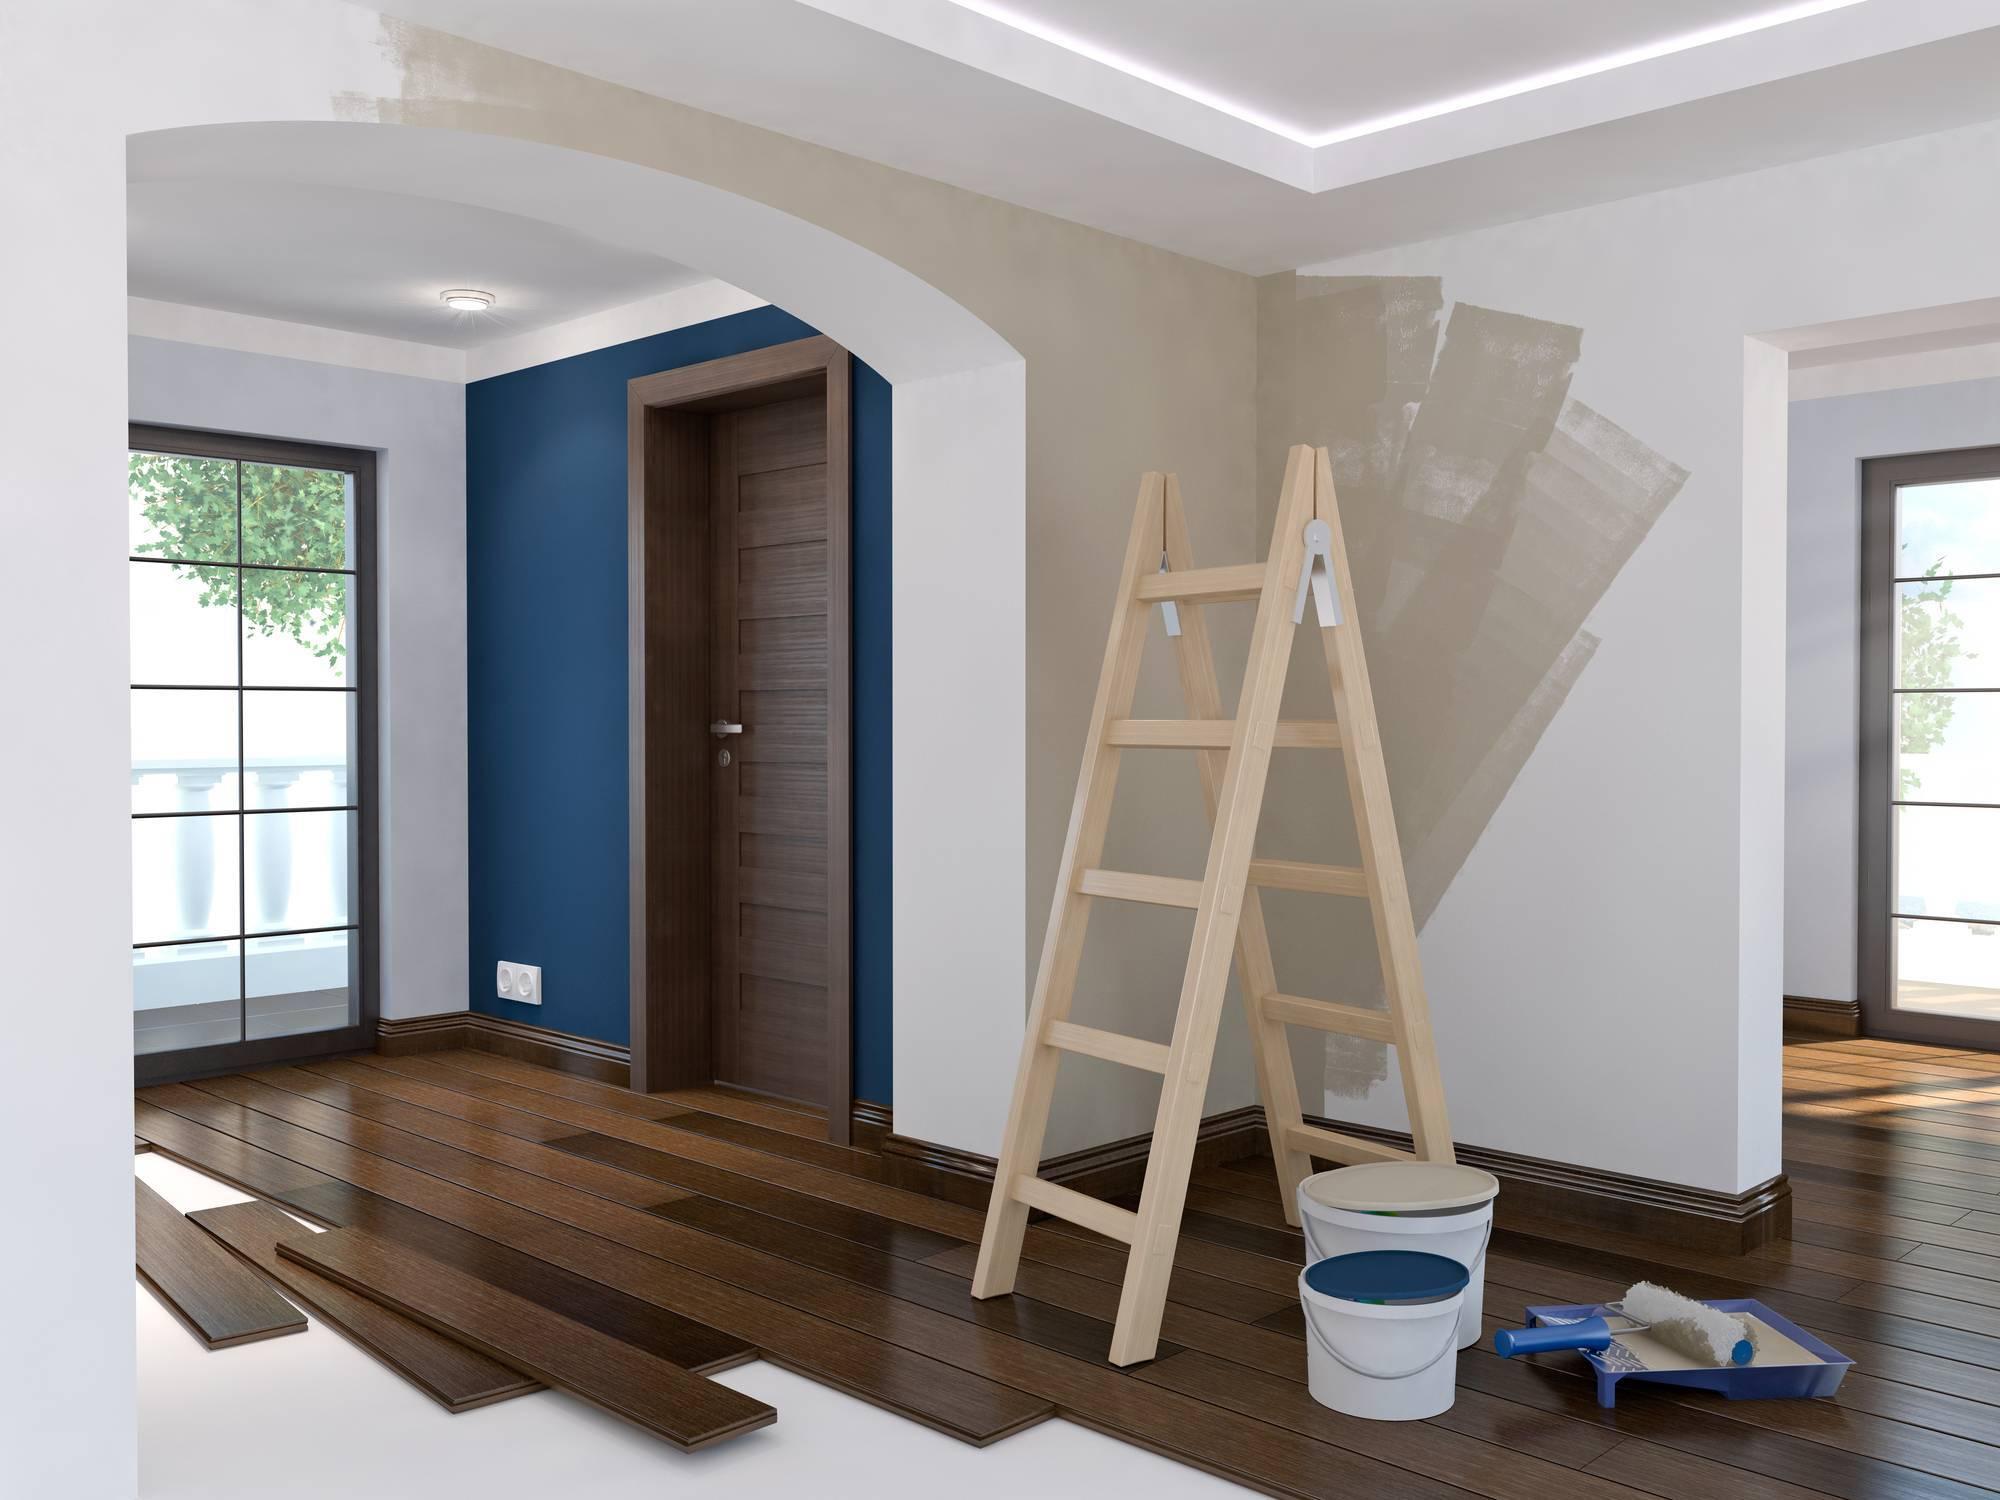 comment faire pour rénover son appartement à Paris